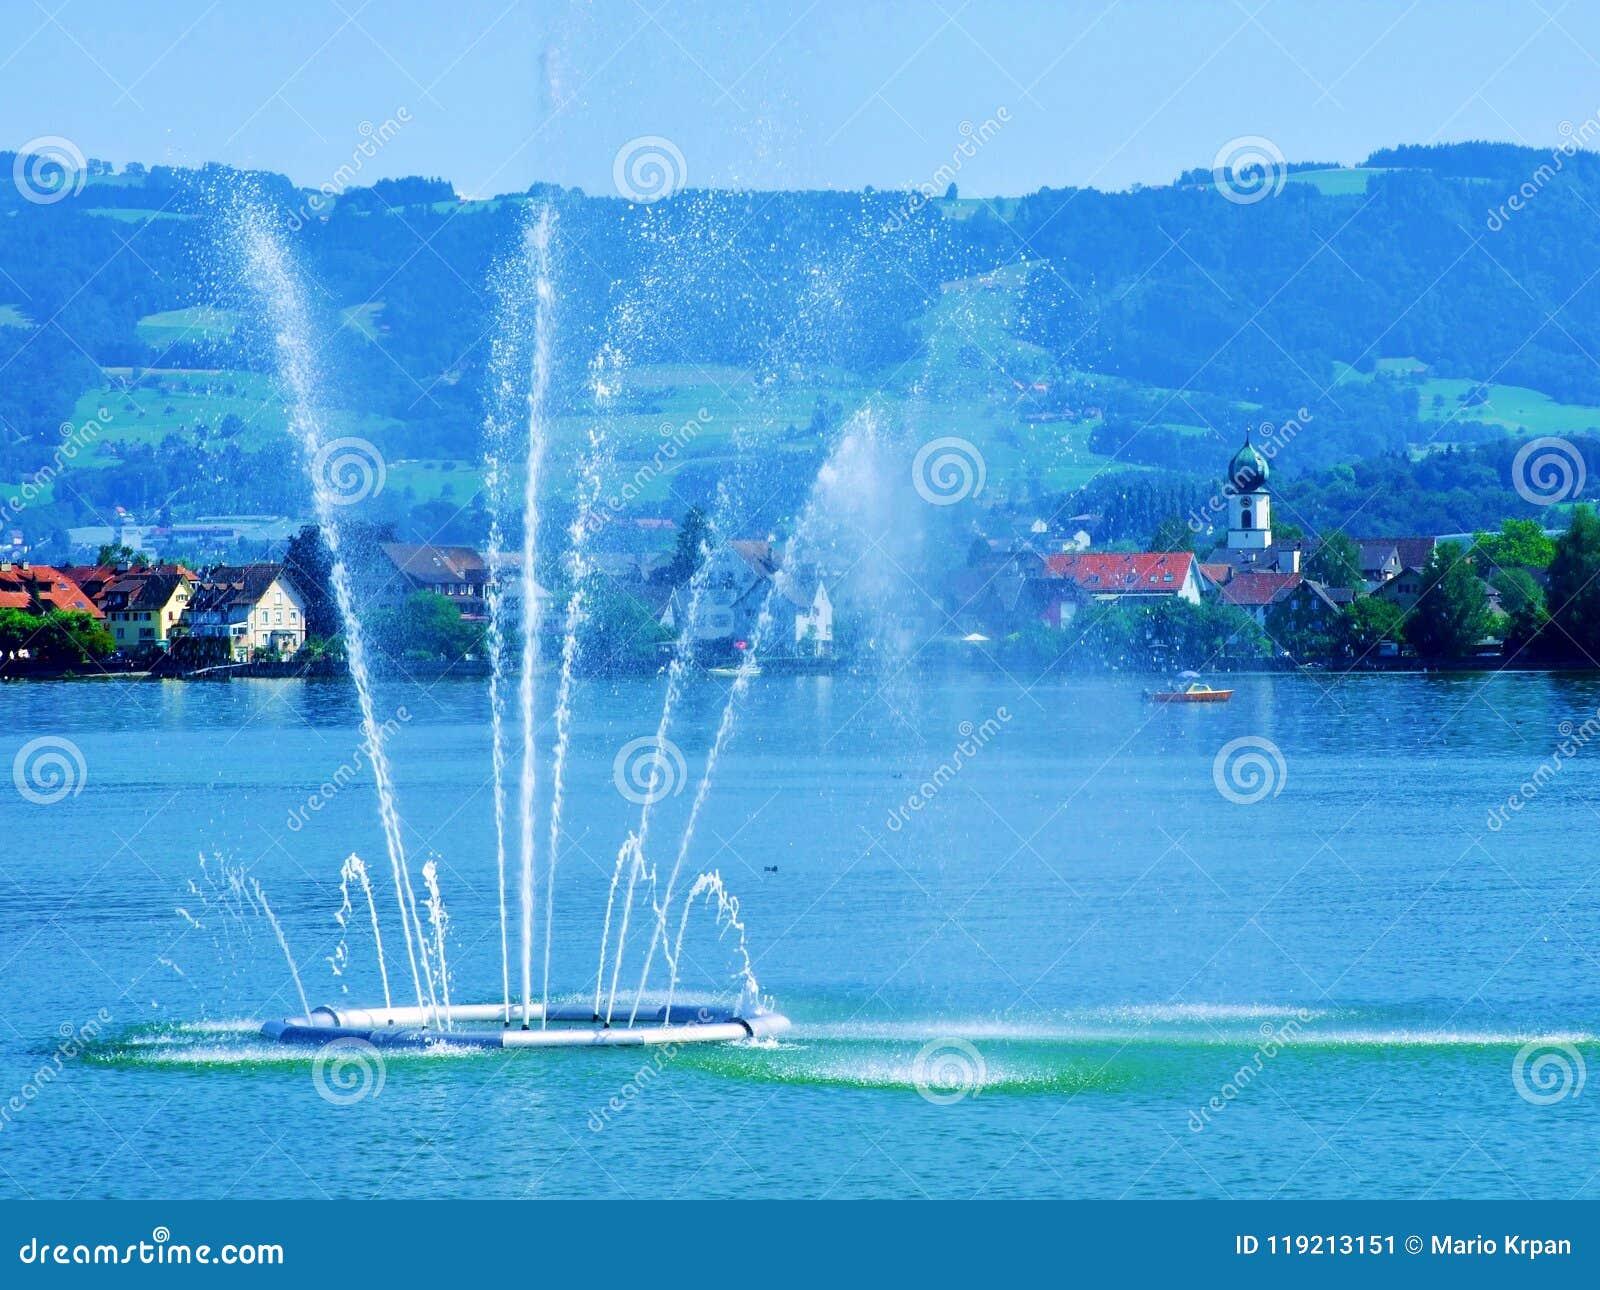 fountain, water, rainbow, sky, lake, geneva, city, sea, blue, river, park, boat, spray, jet, waterfall, summer, night, travel